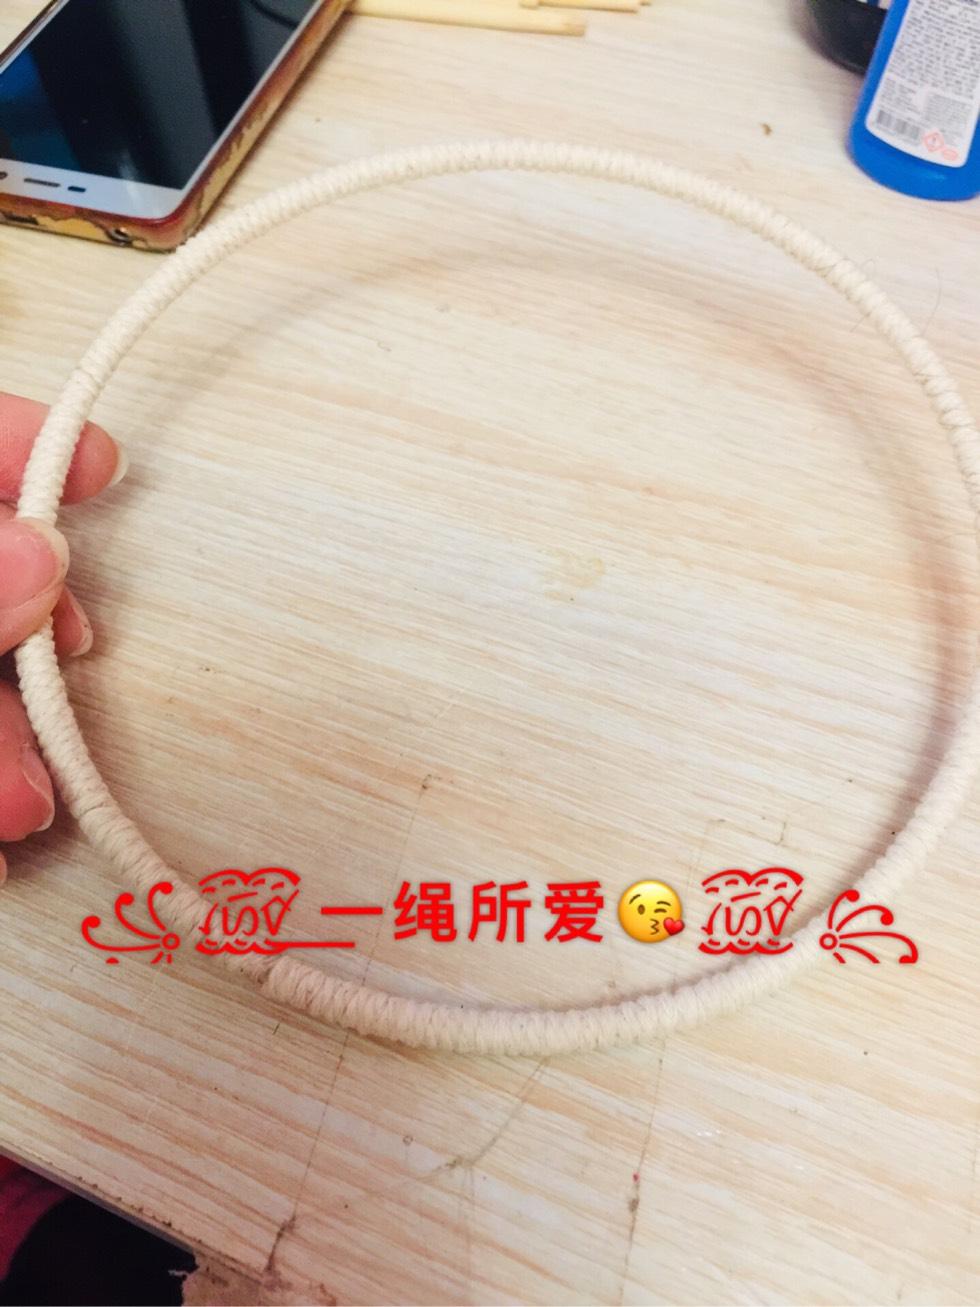 中国结论坛 原创·Macrame 收纳篮  立体绳结教程与交流区 143024goo7mxzoo11xvo5u